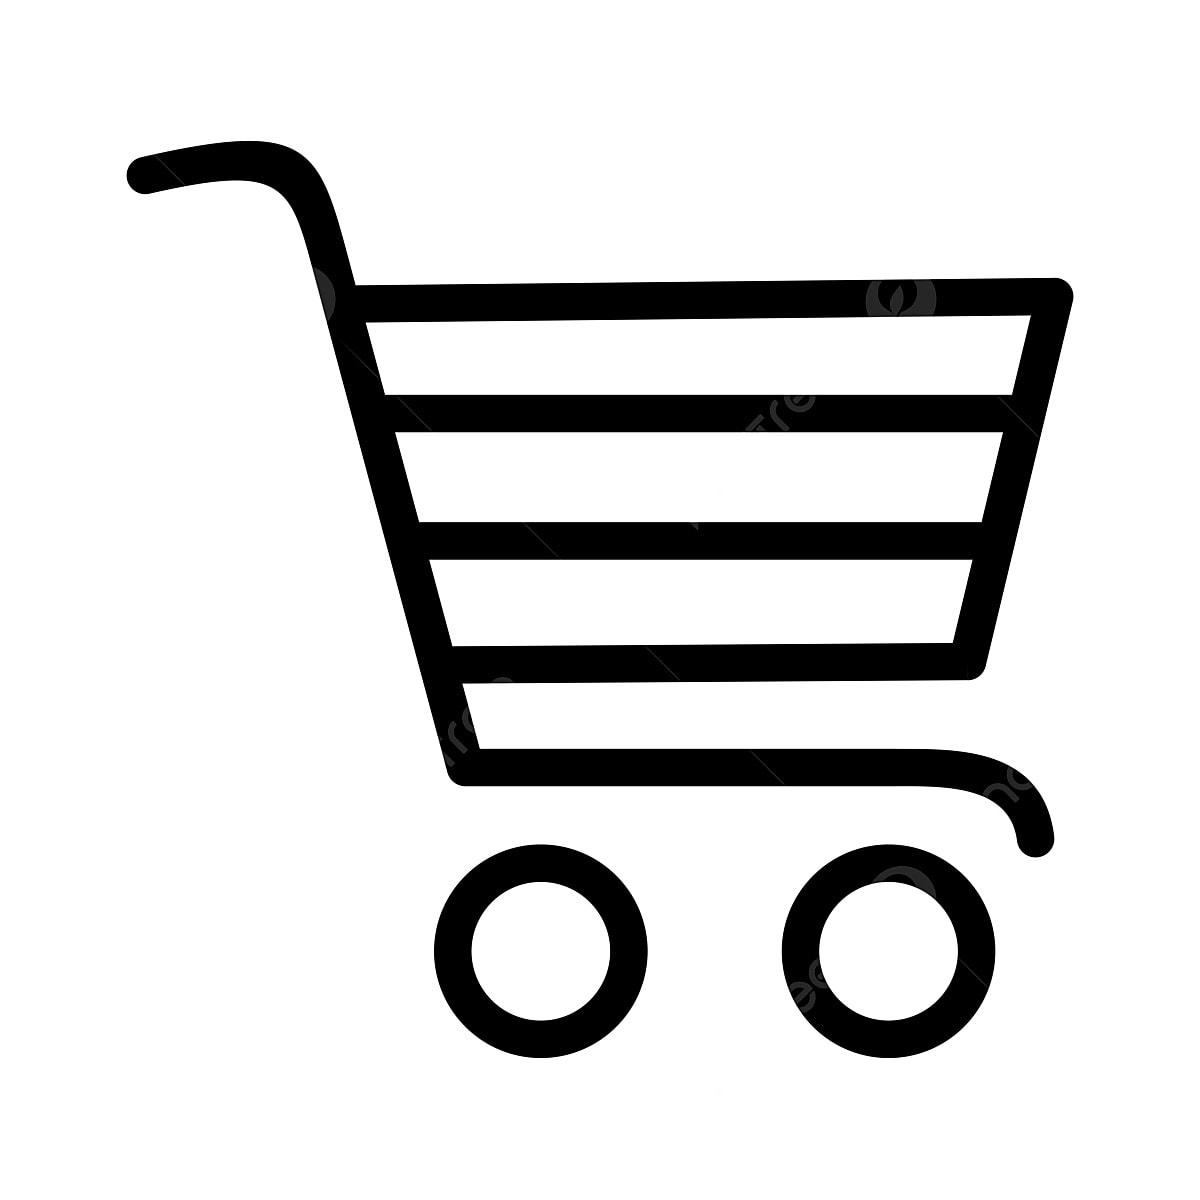 Biểu Tượng Giỏ Hàng Hình ảnh PNG | Vector và các tập tin PSD | Tải về miễn phí trên Pngtree